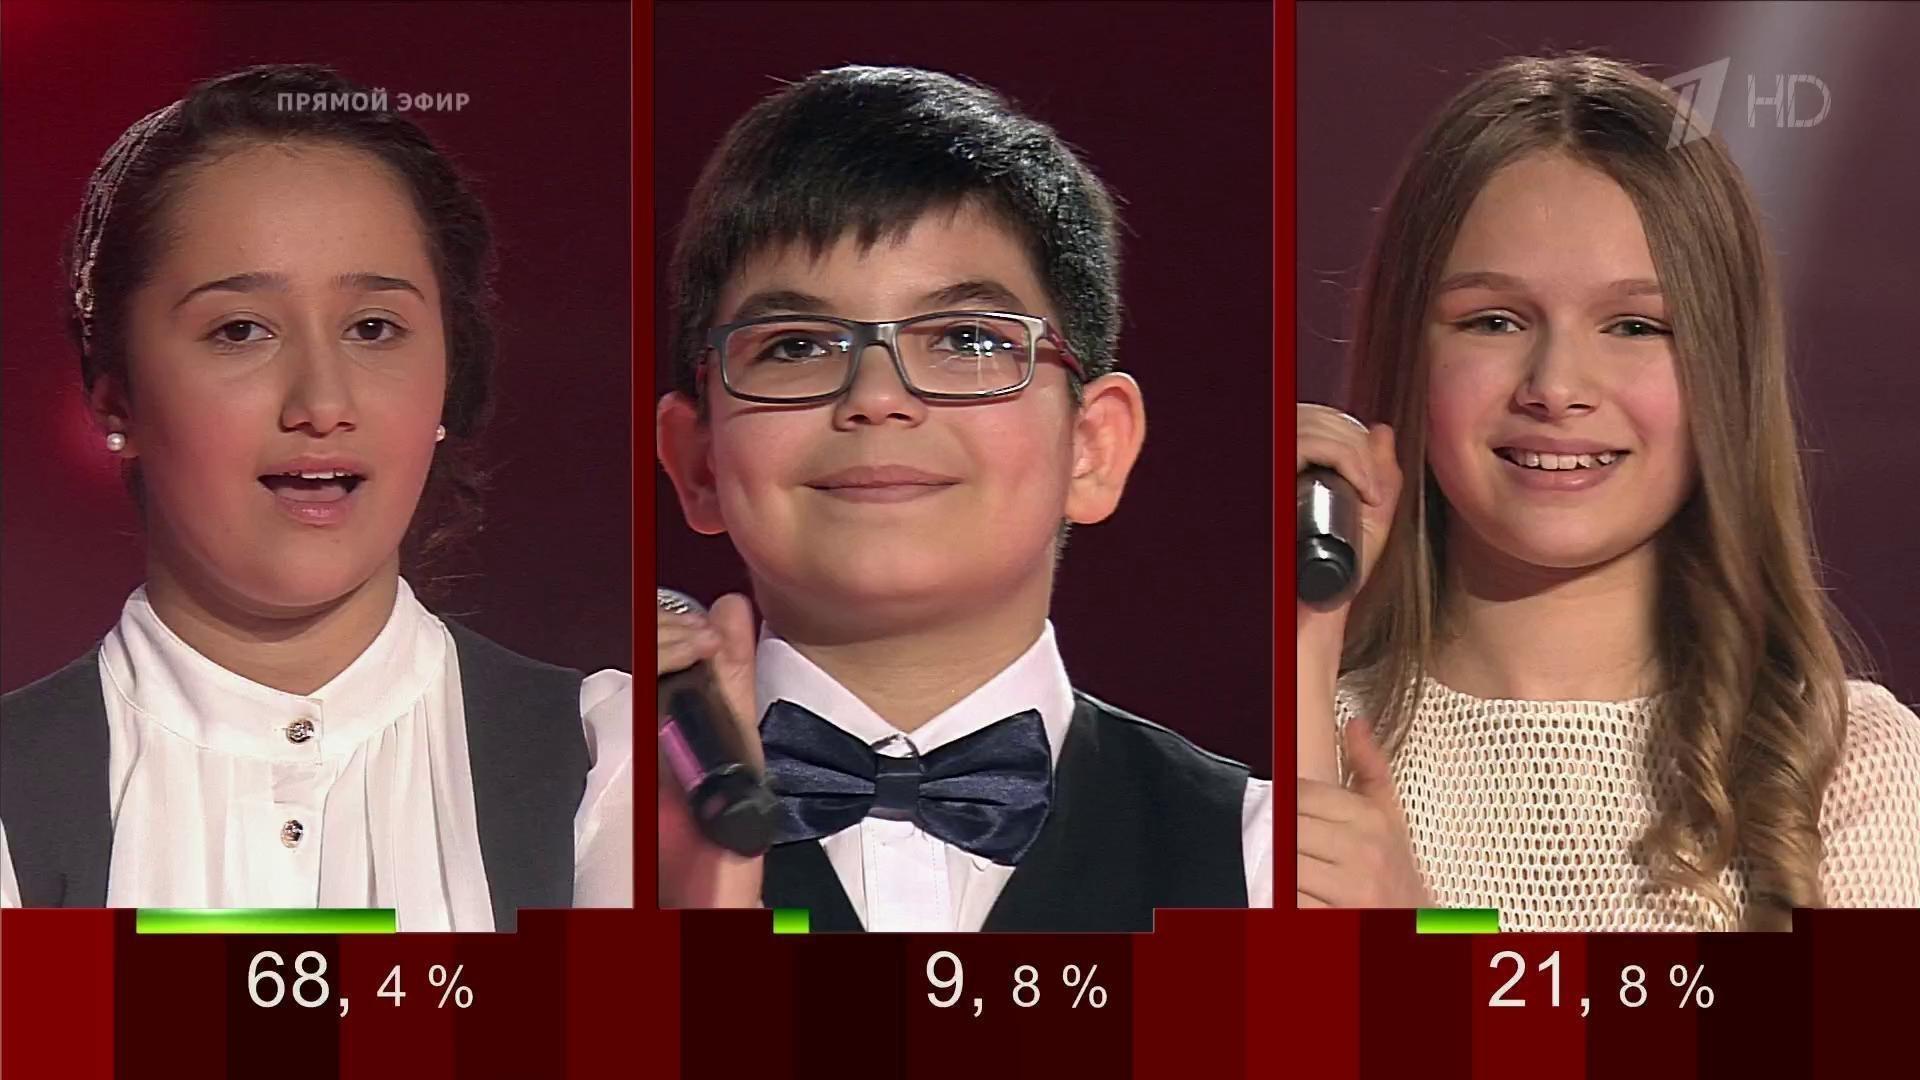 пуско-наладочные финалисты 3 сезона голос дети водитель, продавец, бухгалтер